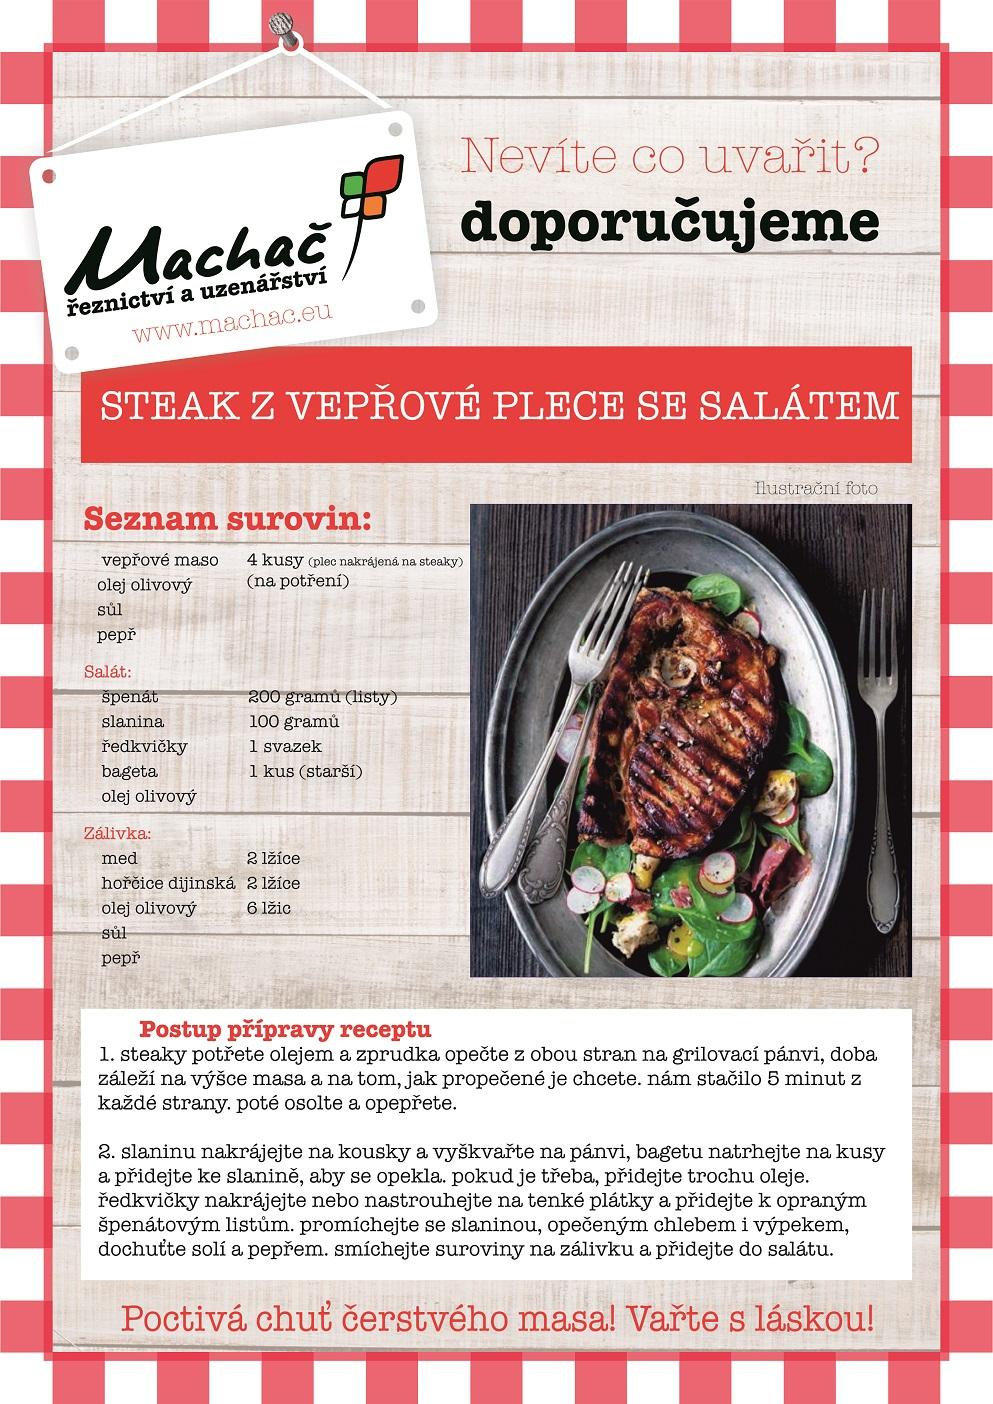 Steak z vepřové plece se salátem